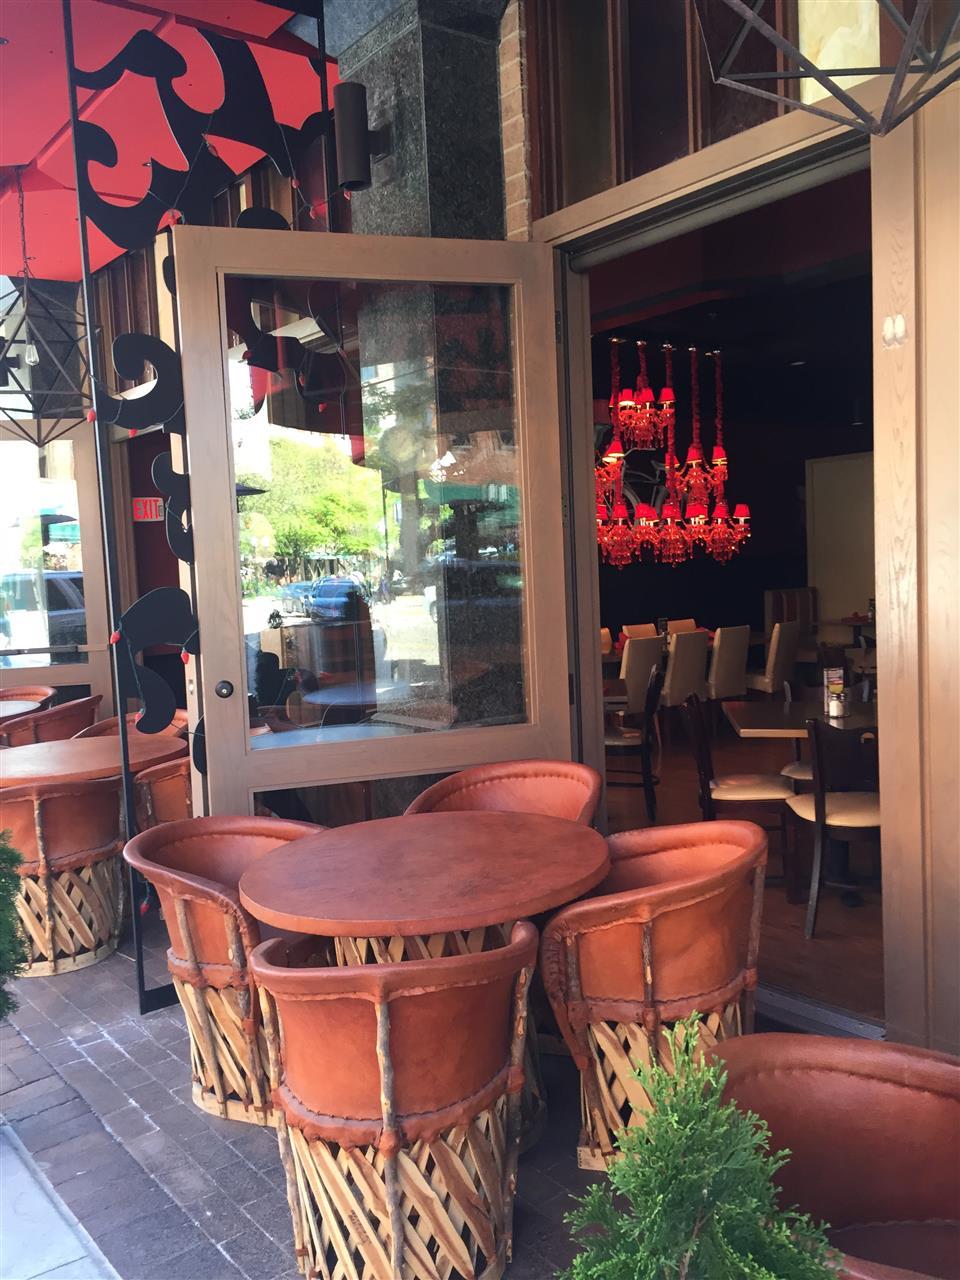 Indoor and Outdoor dining at Rojo Mexican Bistro. Birmingham, Michigan #LeadingRElocal #Birmingham #Michigan